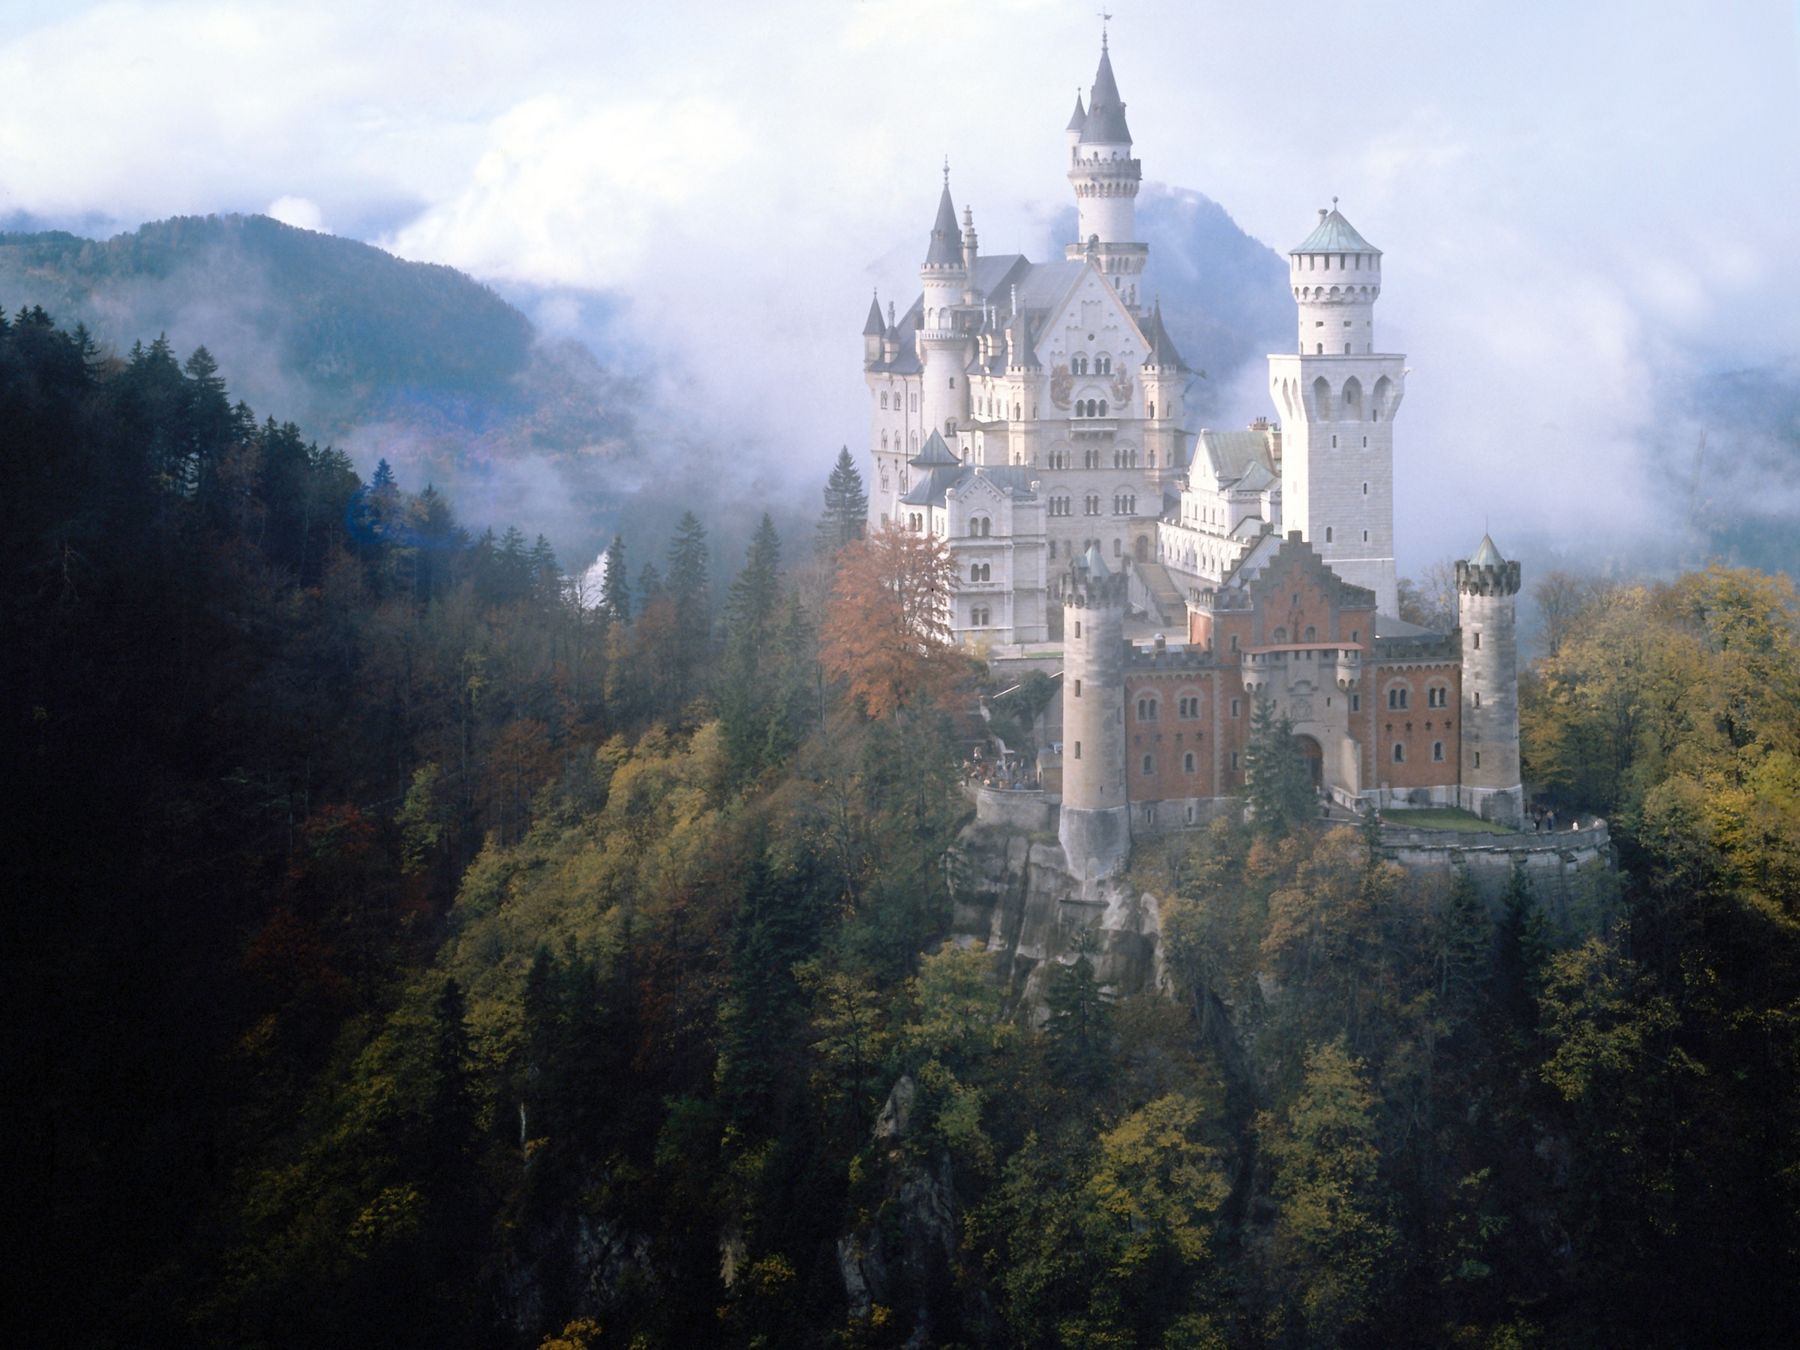 Die schönsten Orte Deutschlands Der ultimative Guide   Skyscanner